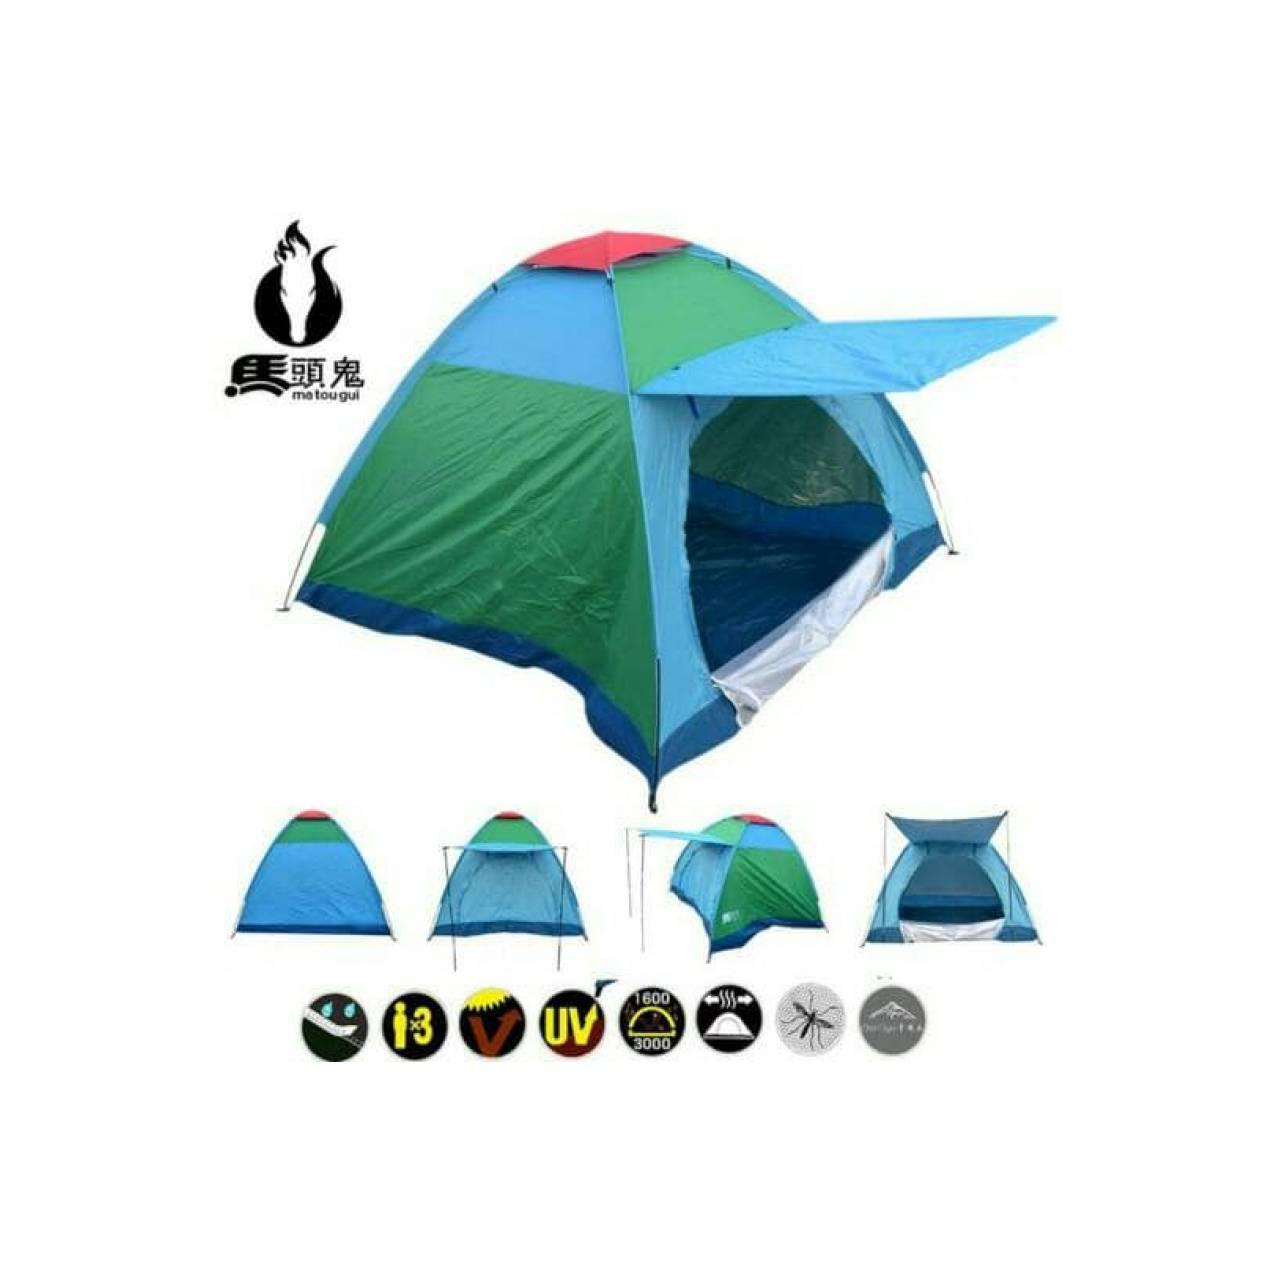 Tenda Camping Hiking Matougui 062 single layerIDR496000. Rp 496.000. Tenda Camping